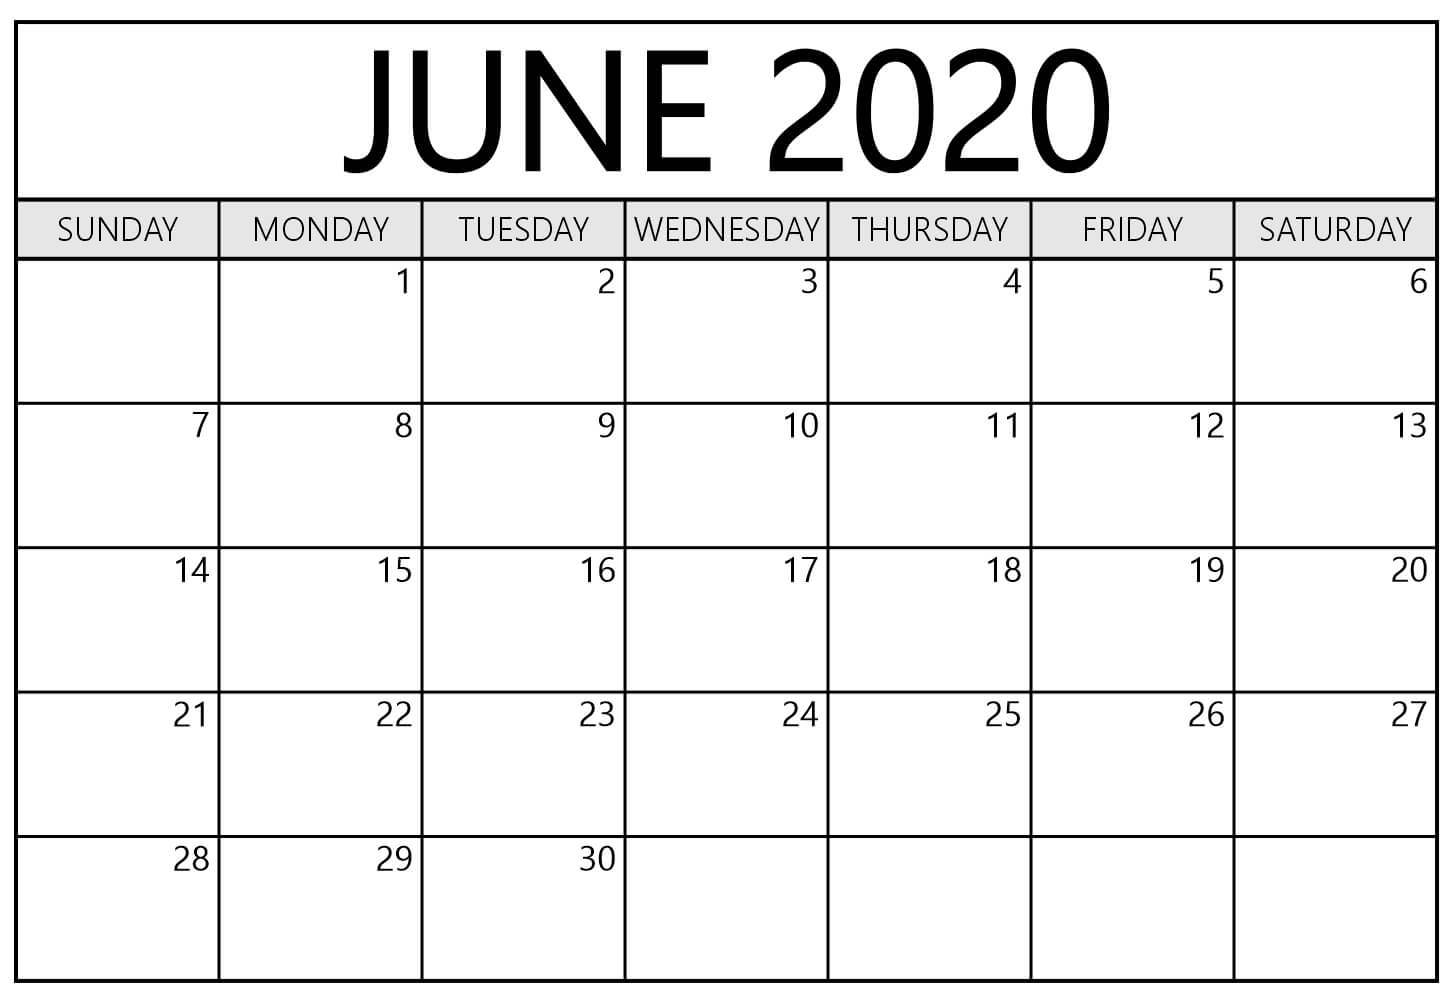 June 2020 Calendar Printable